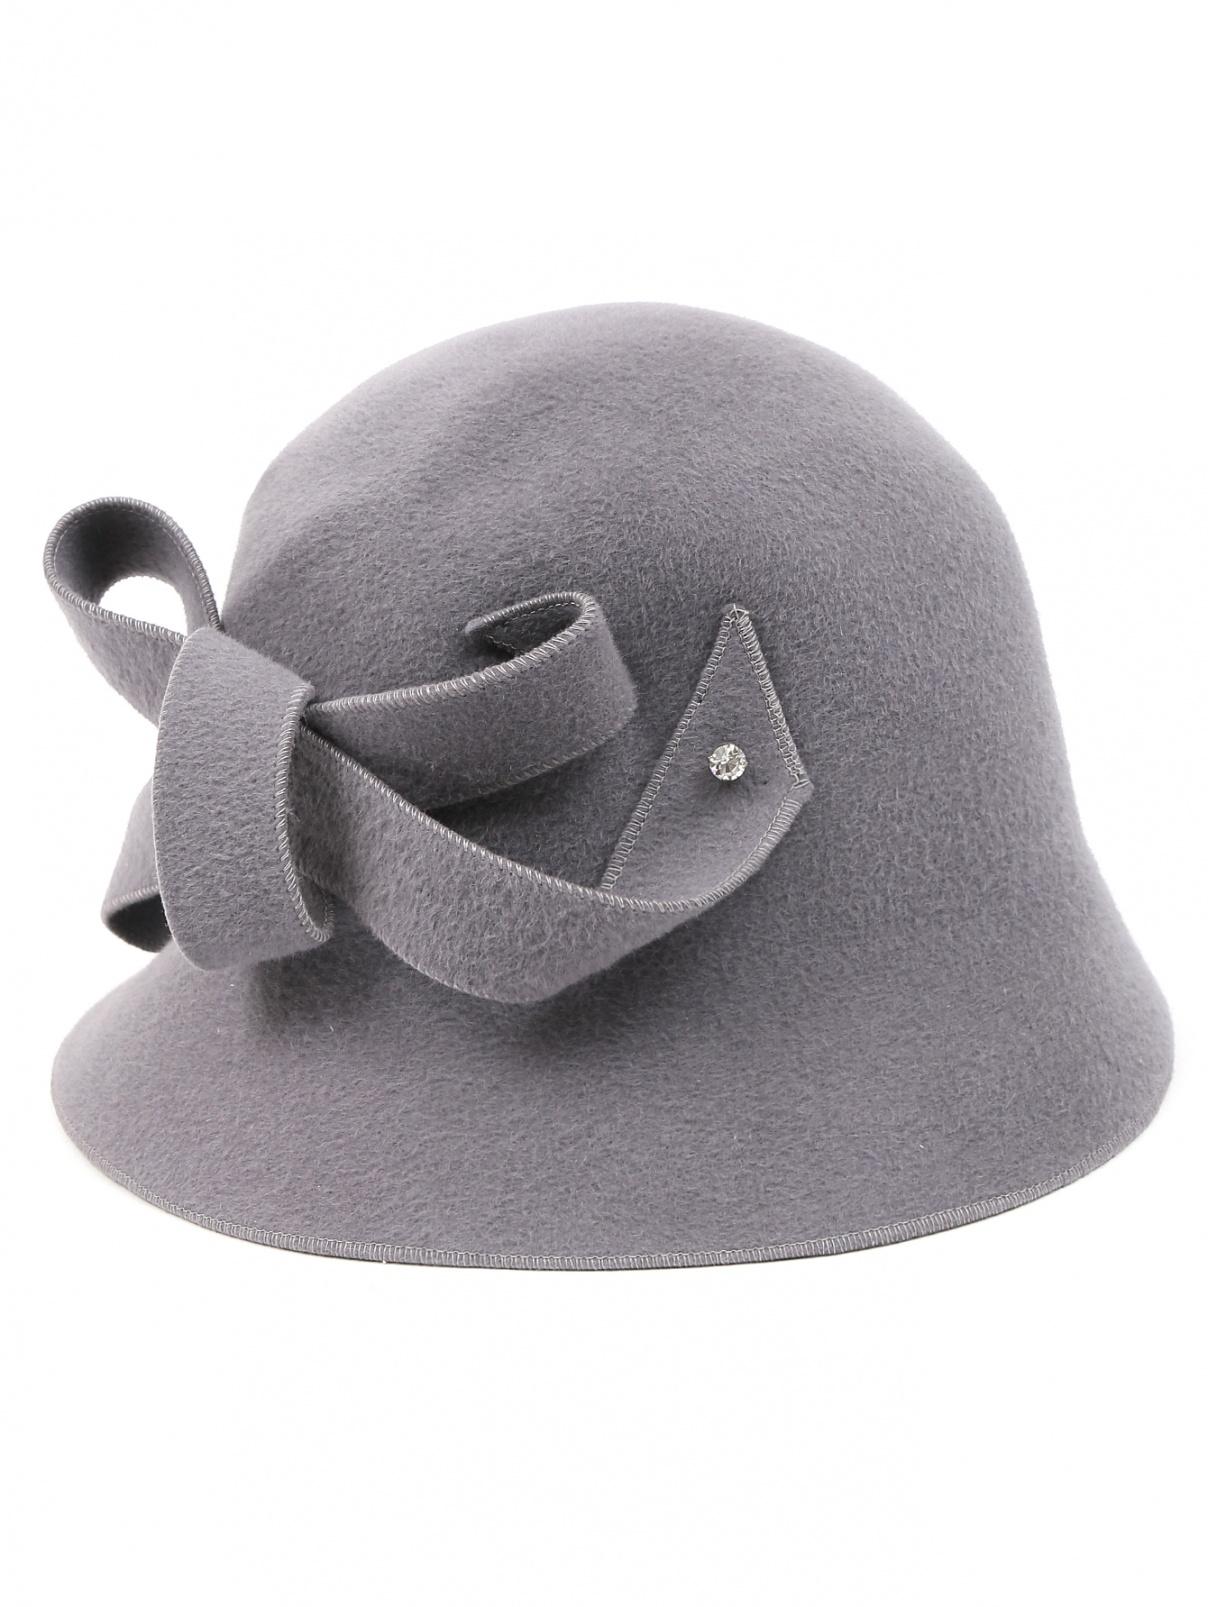 Шляпа из шерсти с декоративной отделкой Marni  –  Общий вид  – Цвет:  Серый